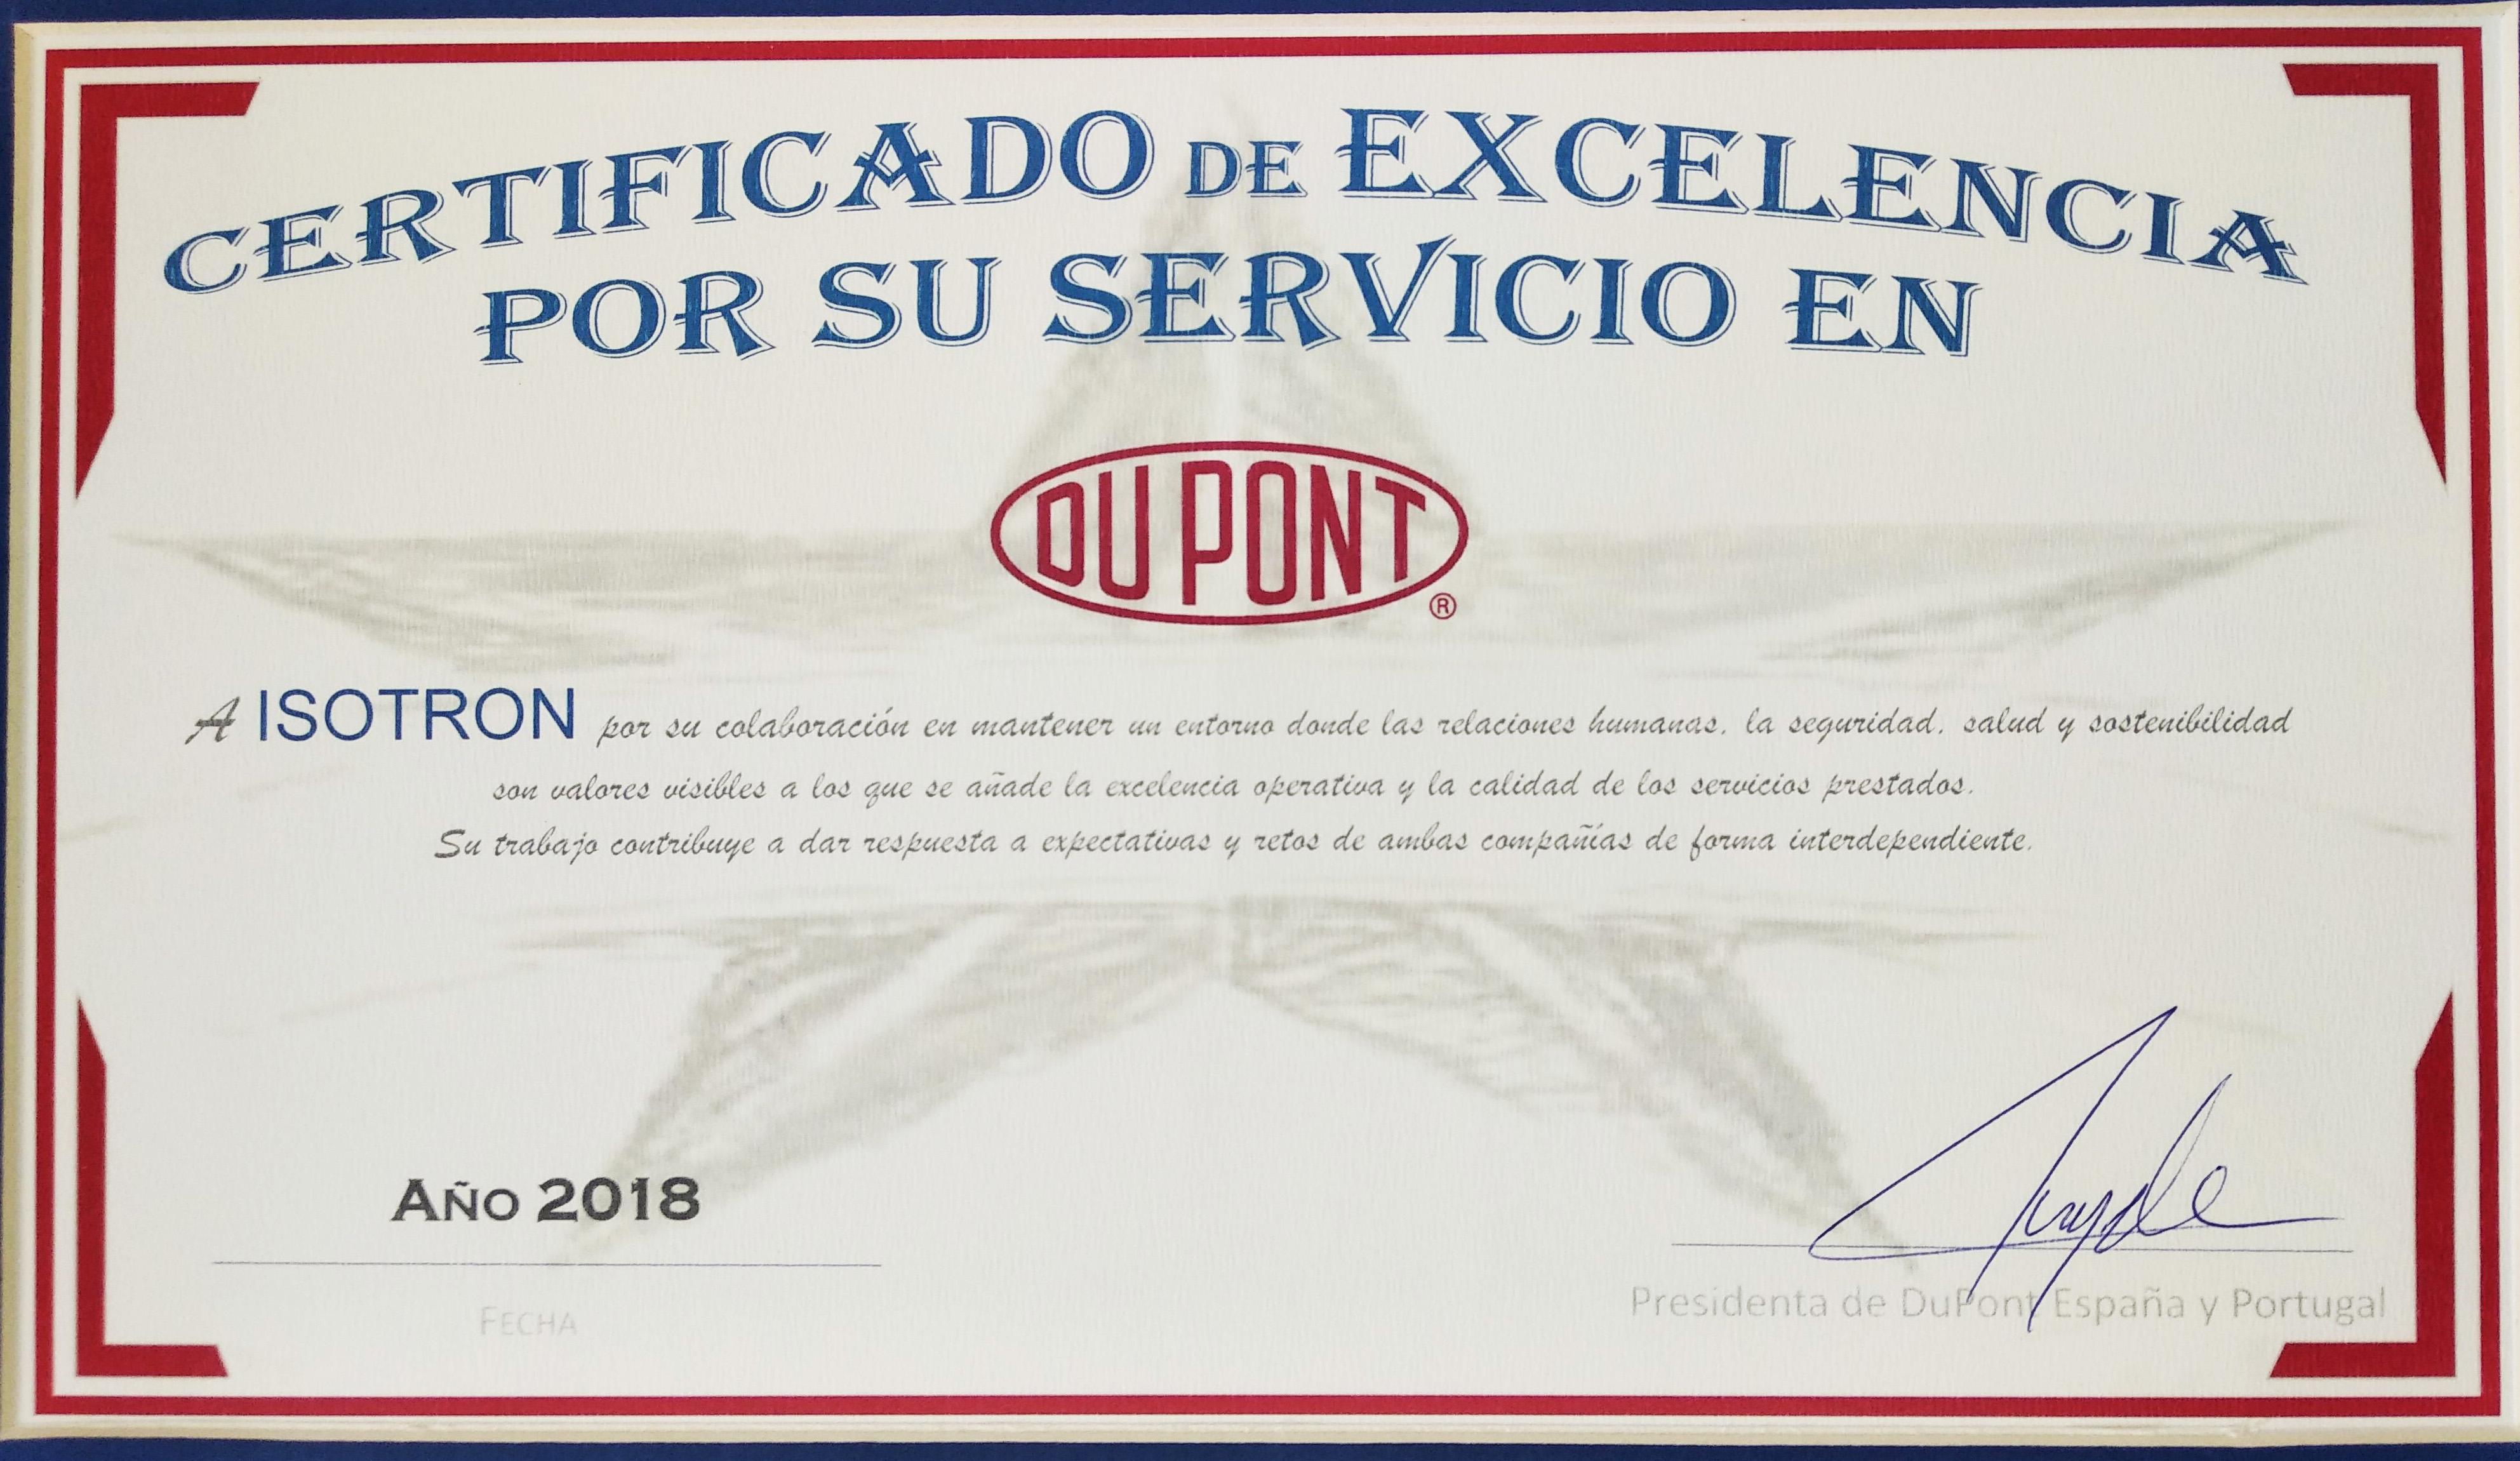 DuPont entrega a ISOTRON un Certificado de Excelencia en sus servicios